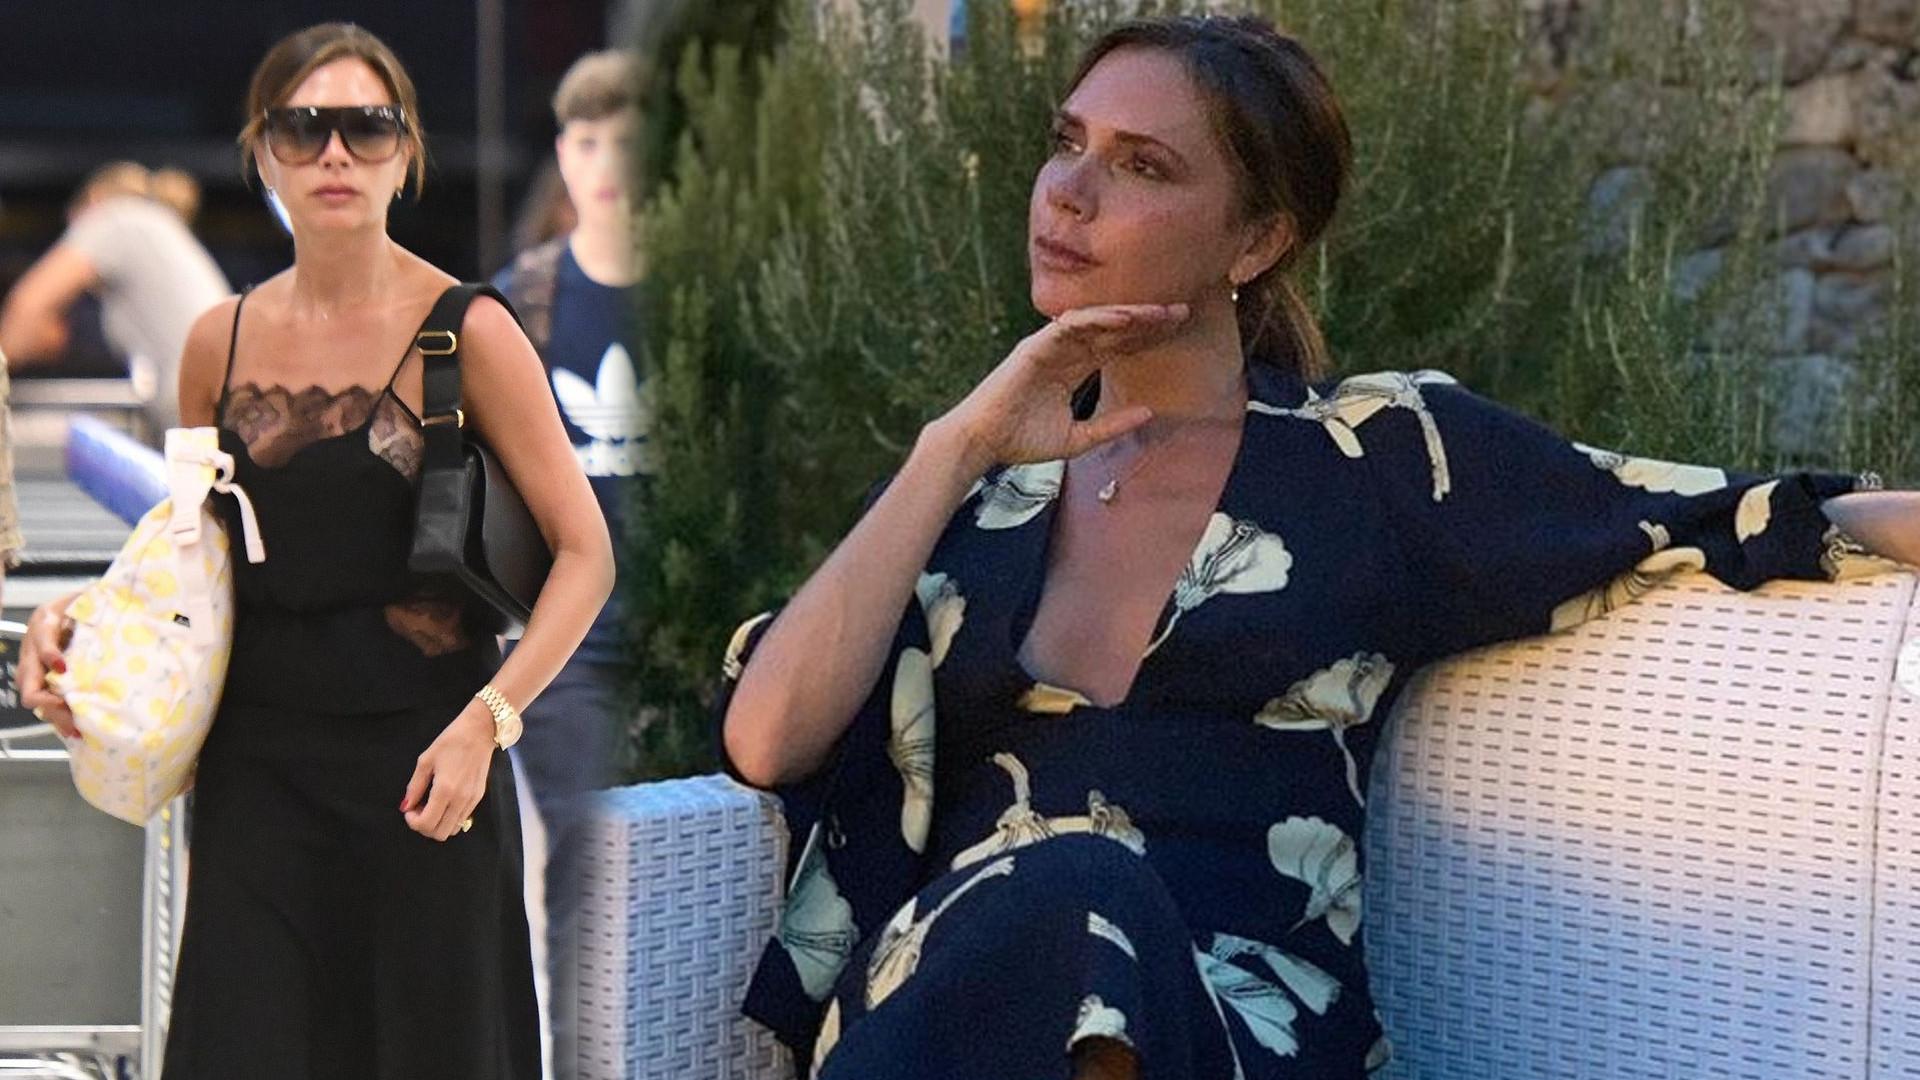 SZOK! Victoria Beckham pokazała swoją młodszą siostrę Louise Adams